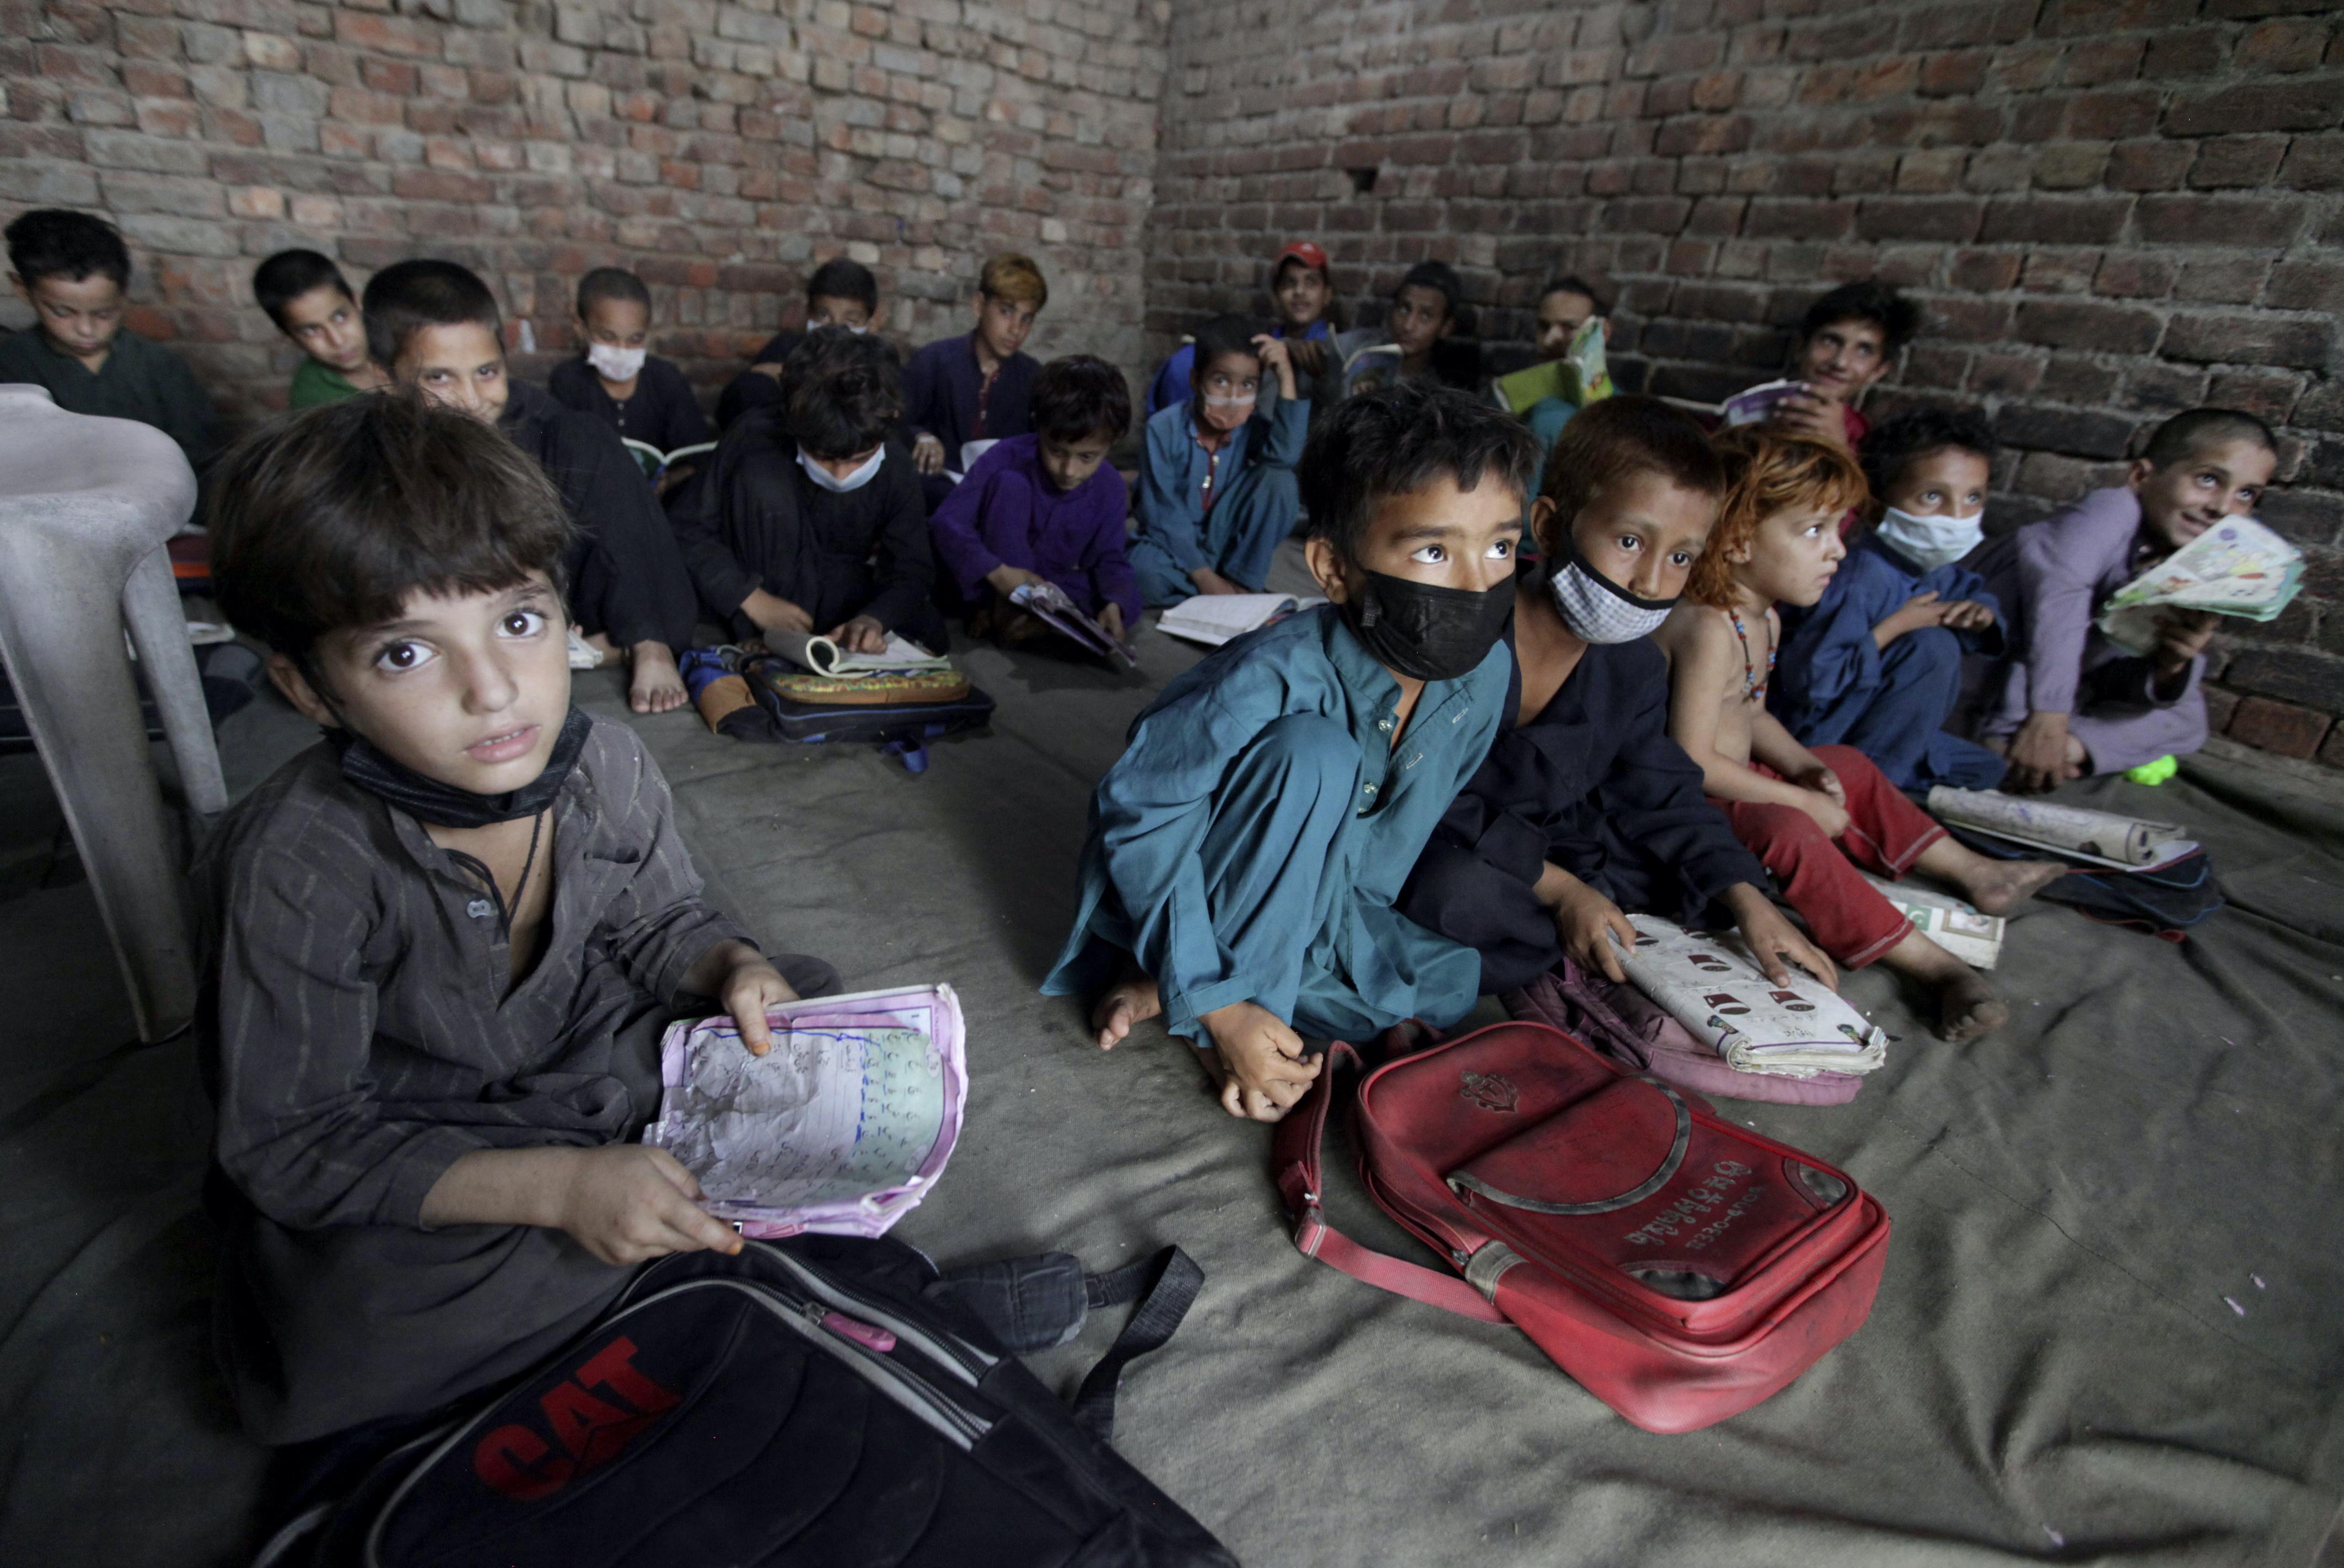 华信娱乐官网专访联合国难民署:喀布尔失守近一个月,会出现阿富汗难民潮吗?